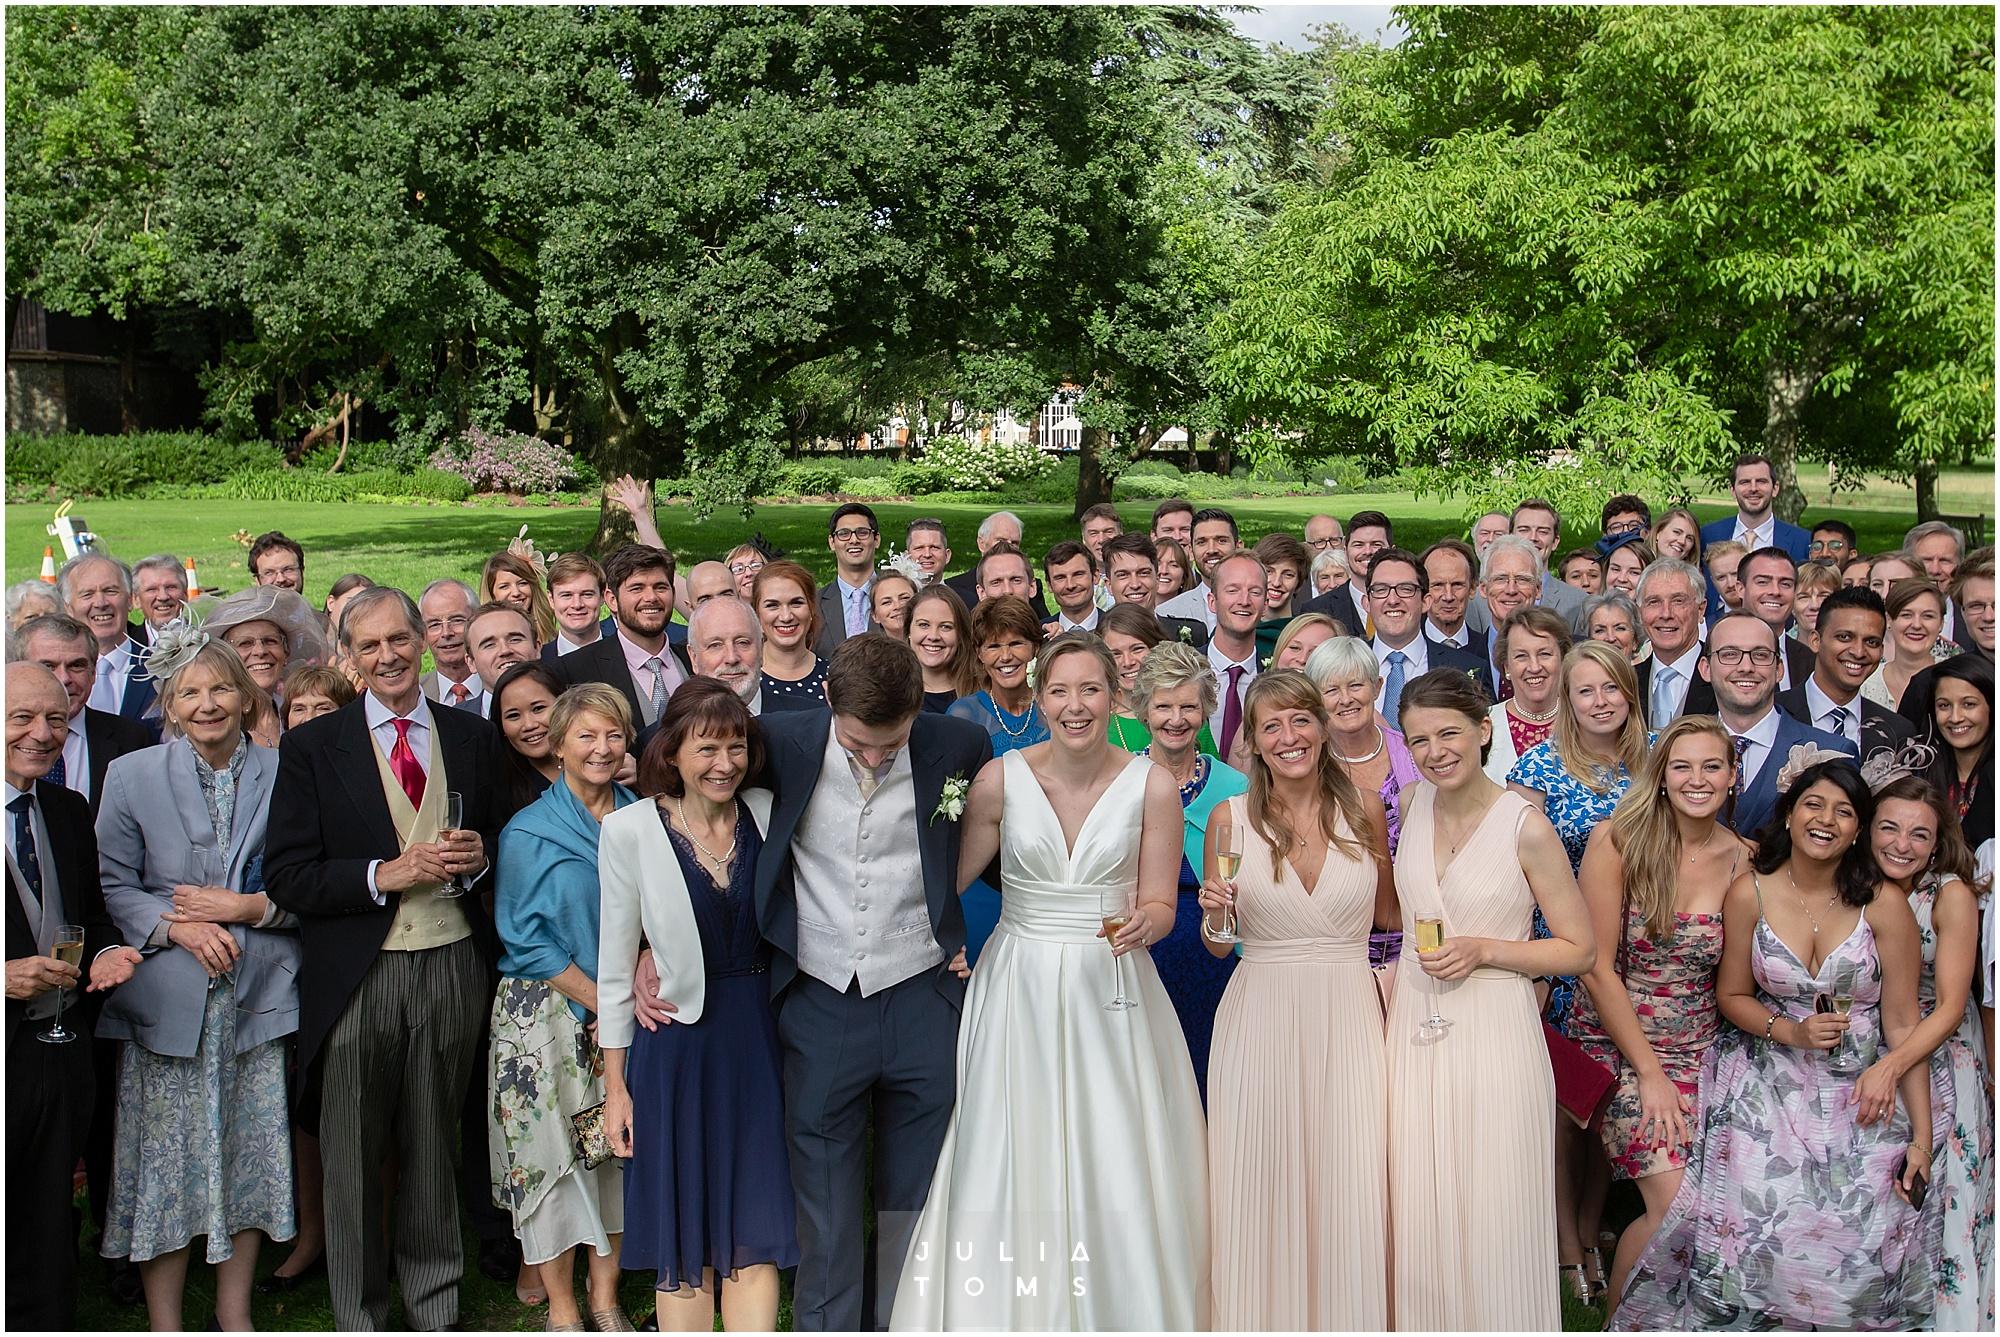 westsussex_wedding_photographer_westdean_107.jpg